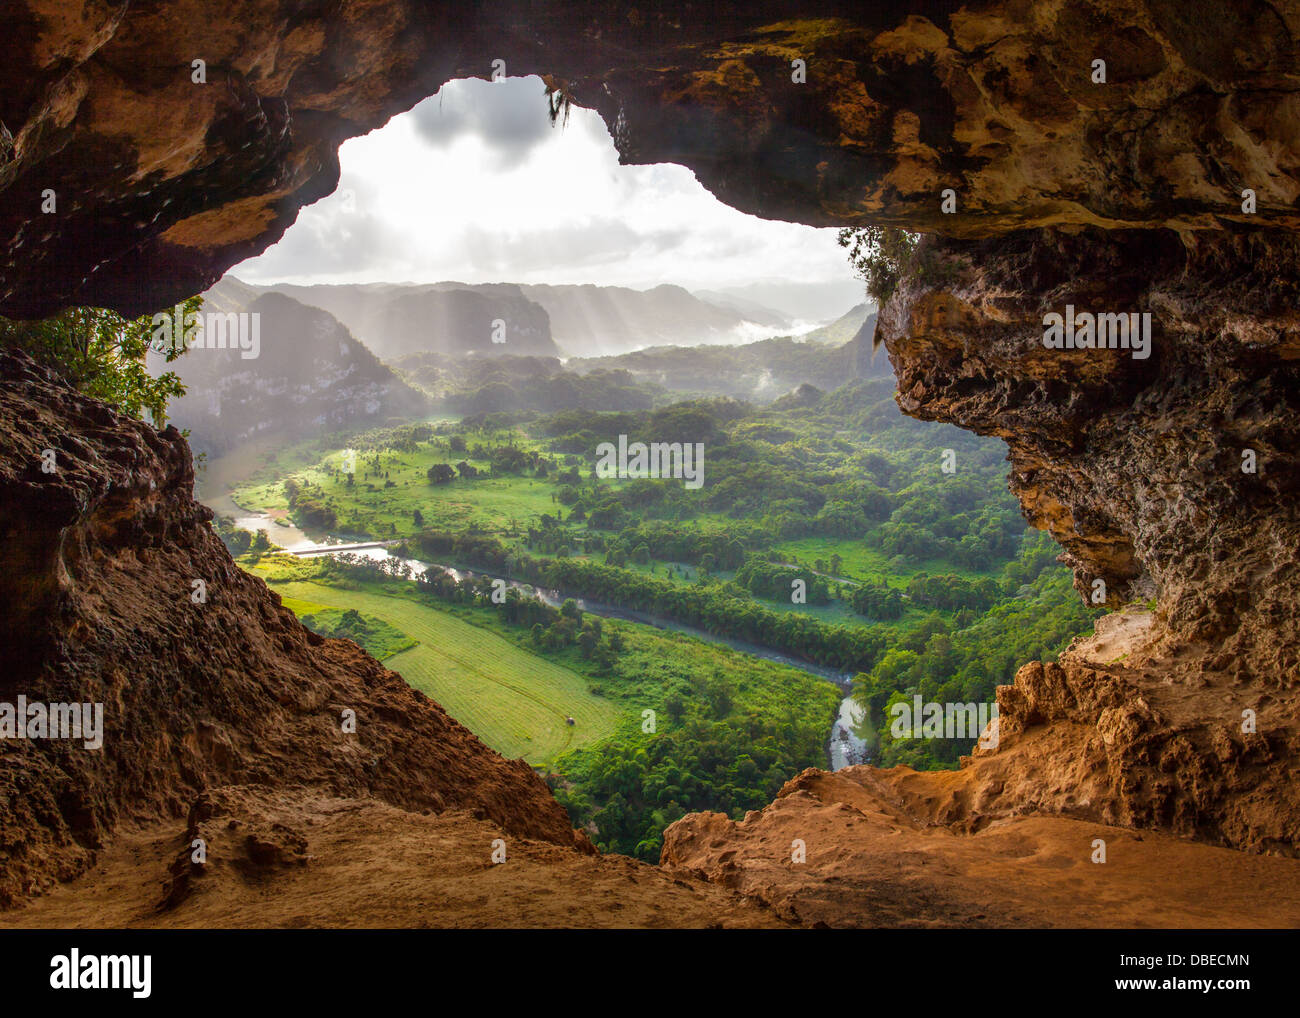 Vista desde el interior de la cueva de la ventana (WINDOW) cueva cerca de Arecibo, Puerto Rico Imagen De Stock